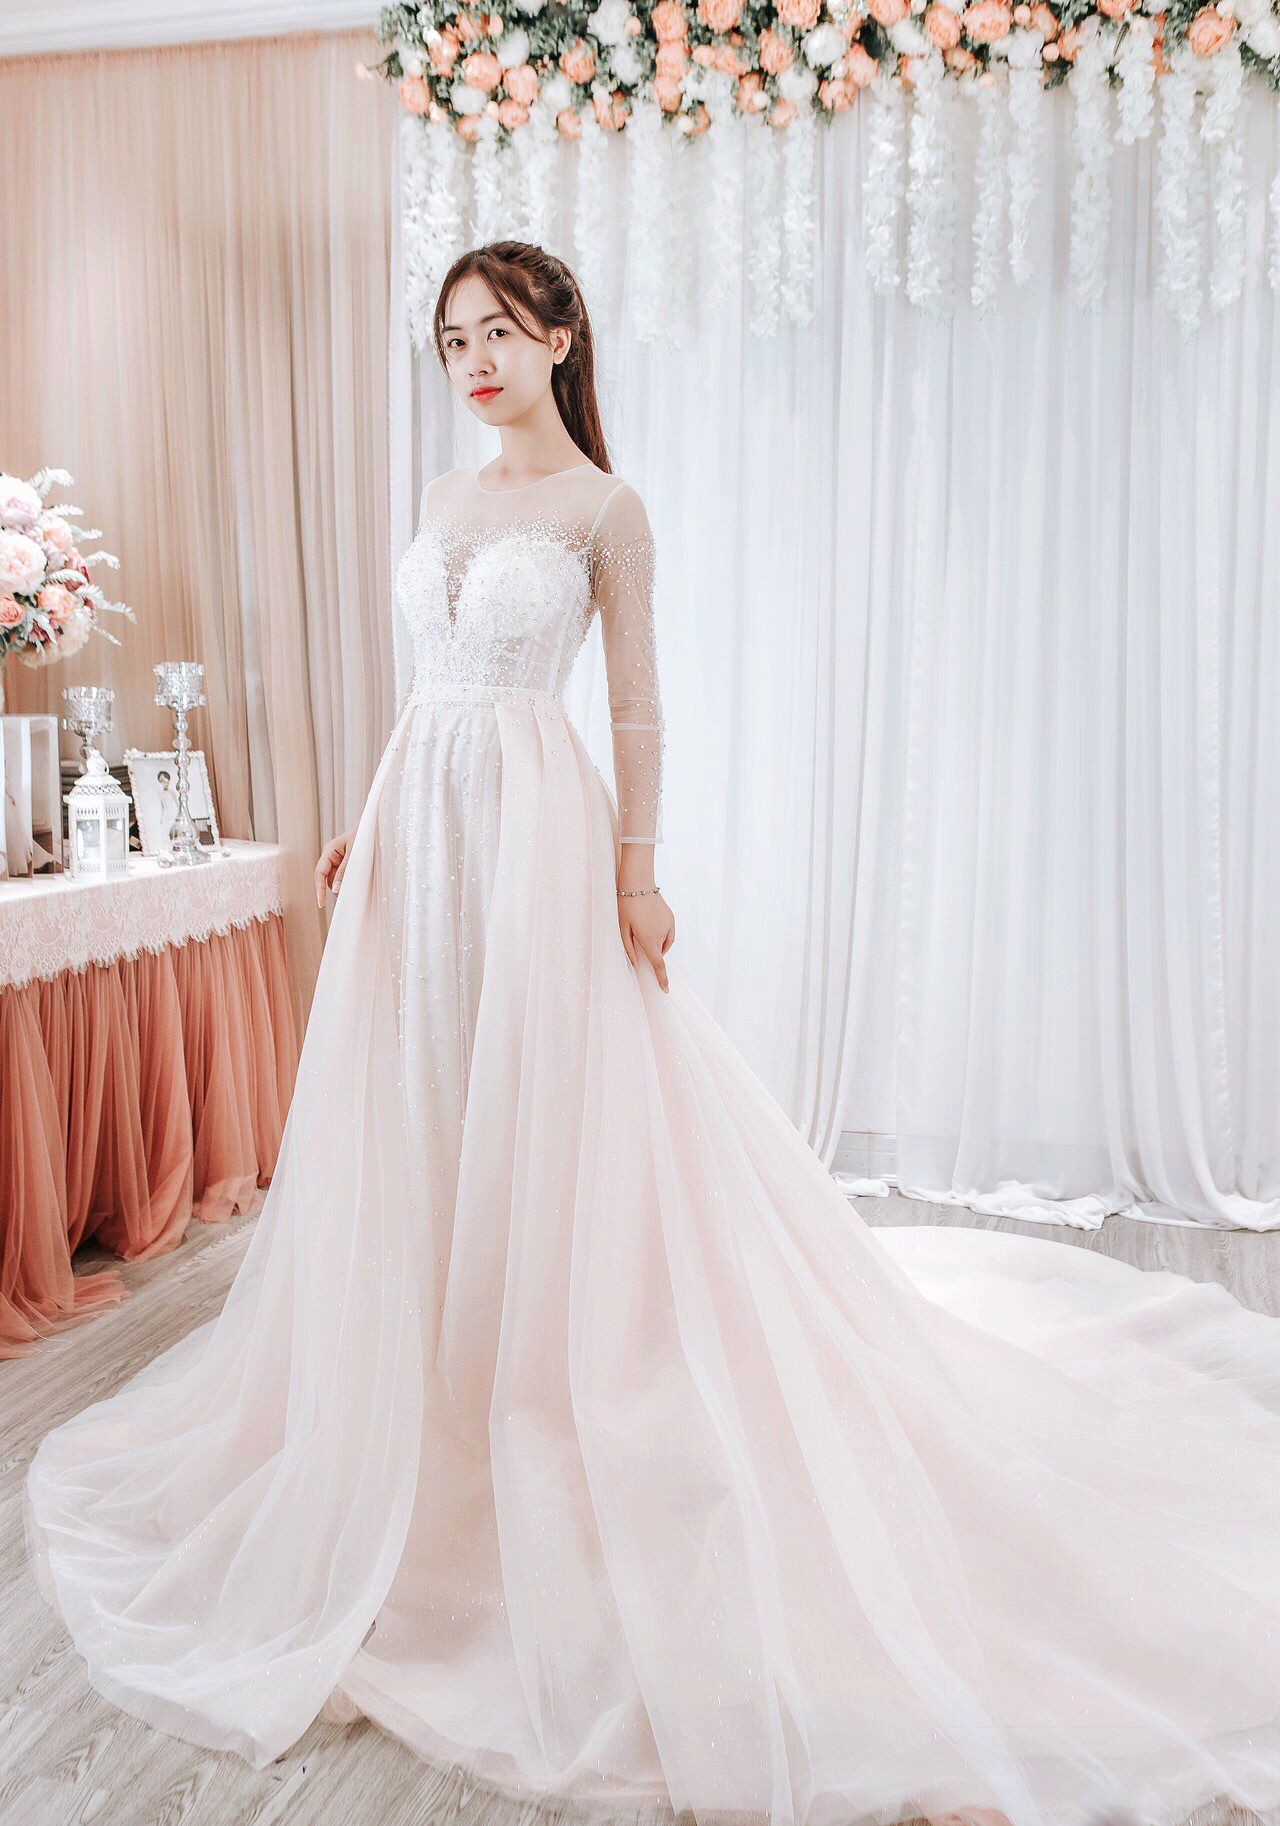 Aline Wedding Dress/ Long Sleeves/ Bridal Gown/ Vintage